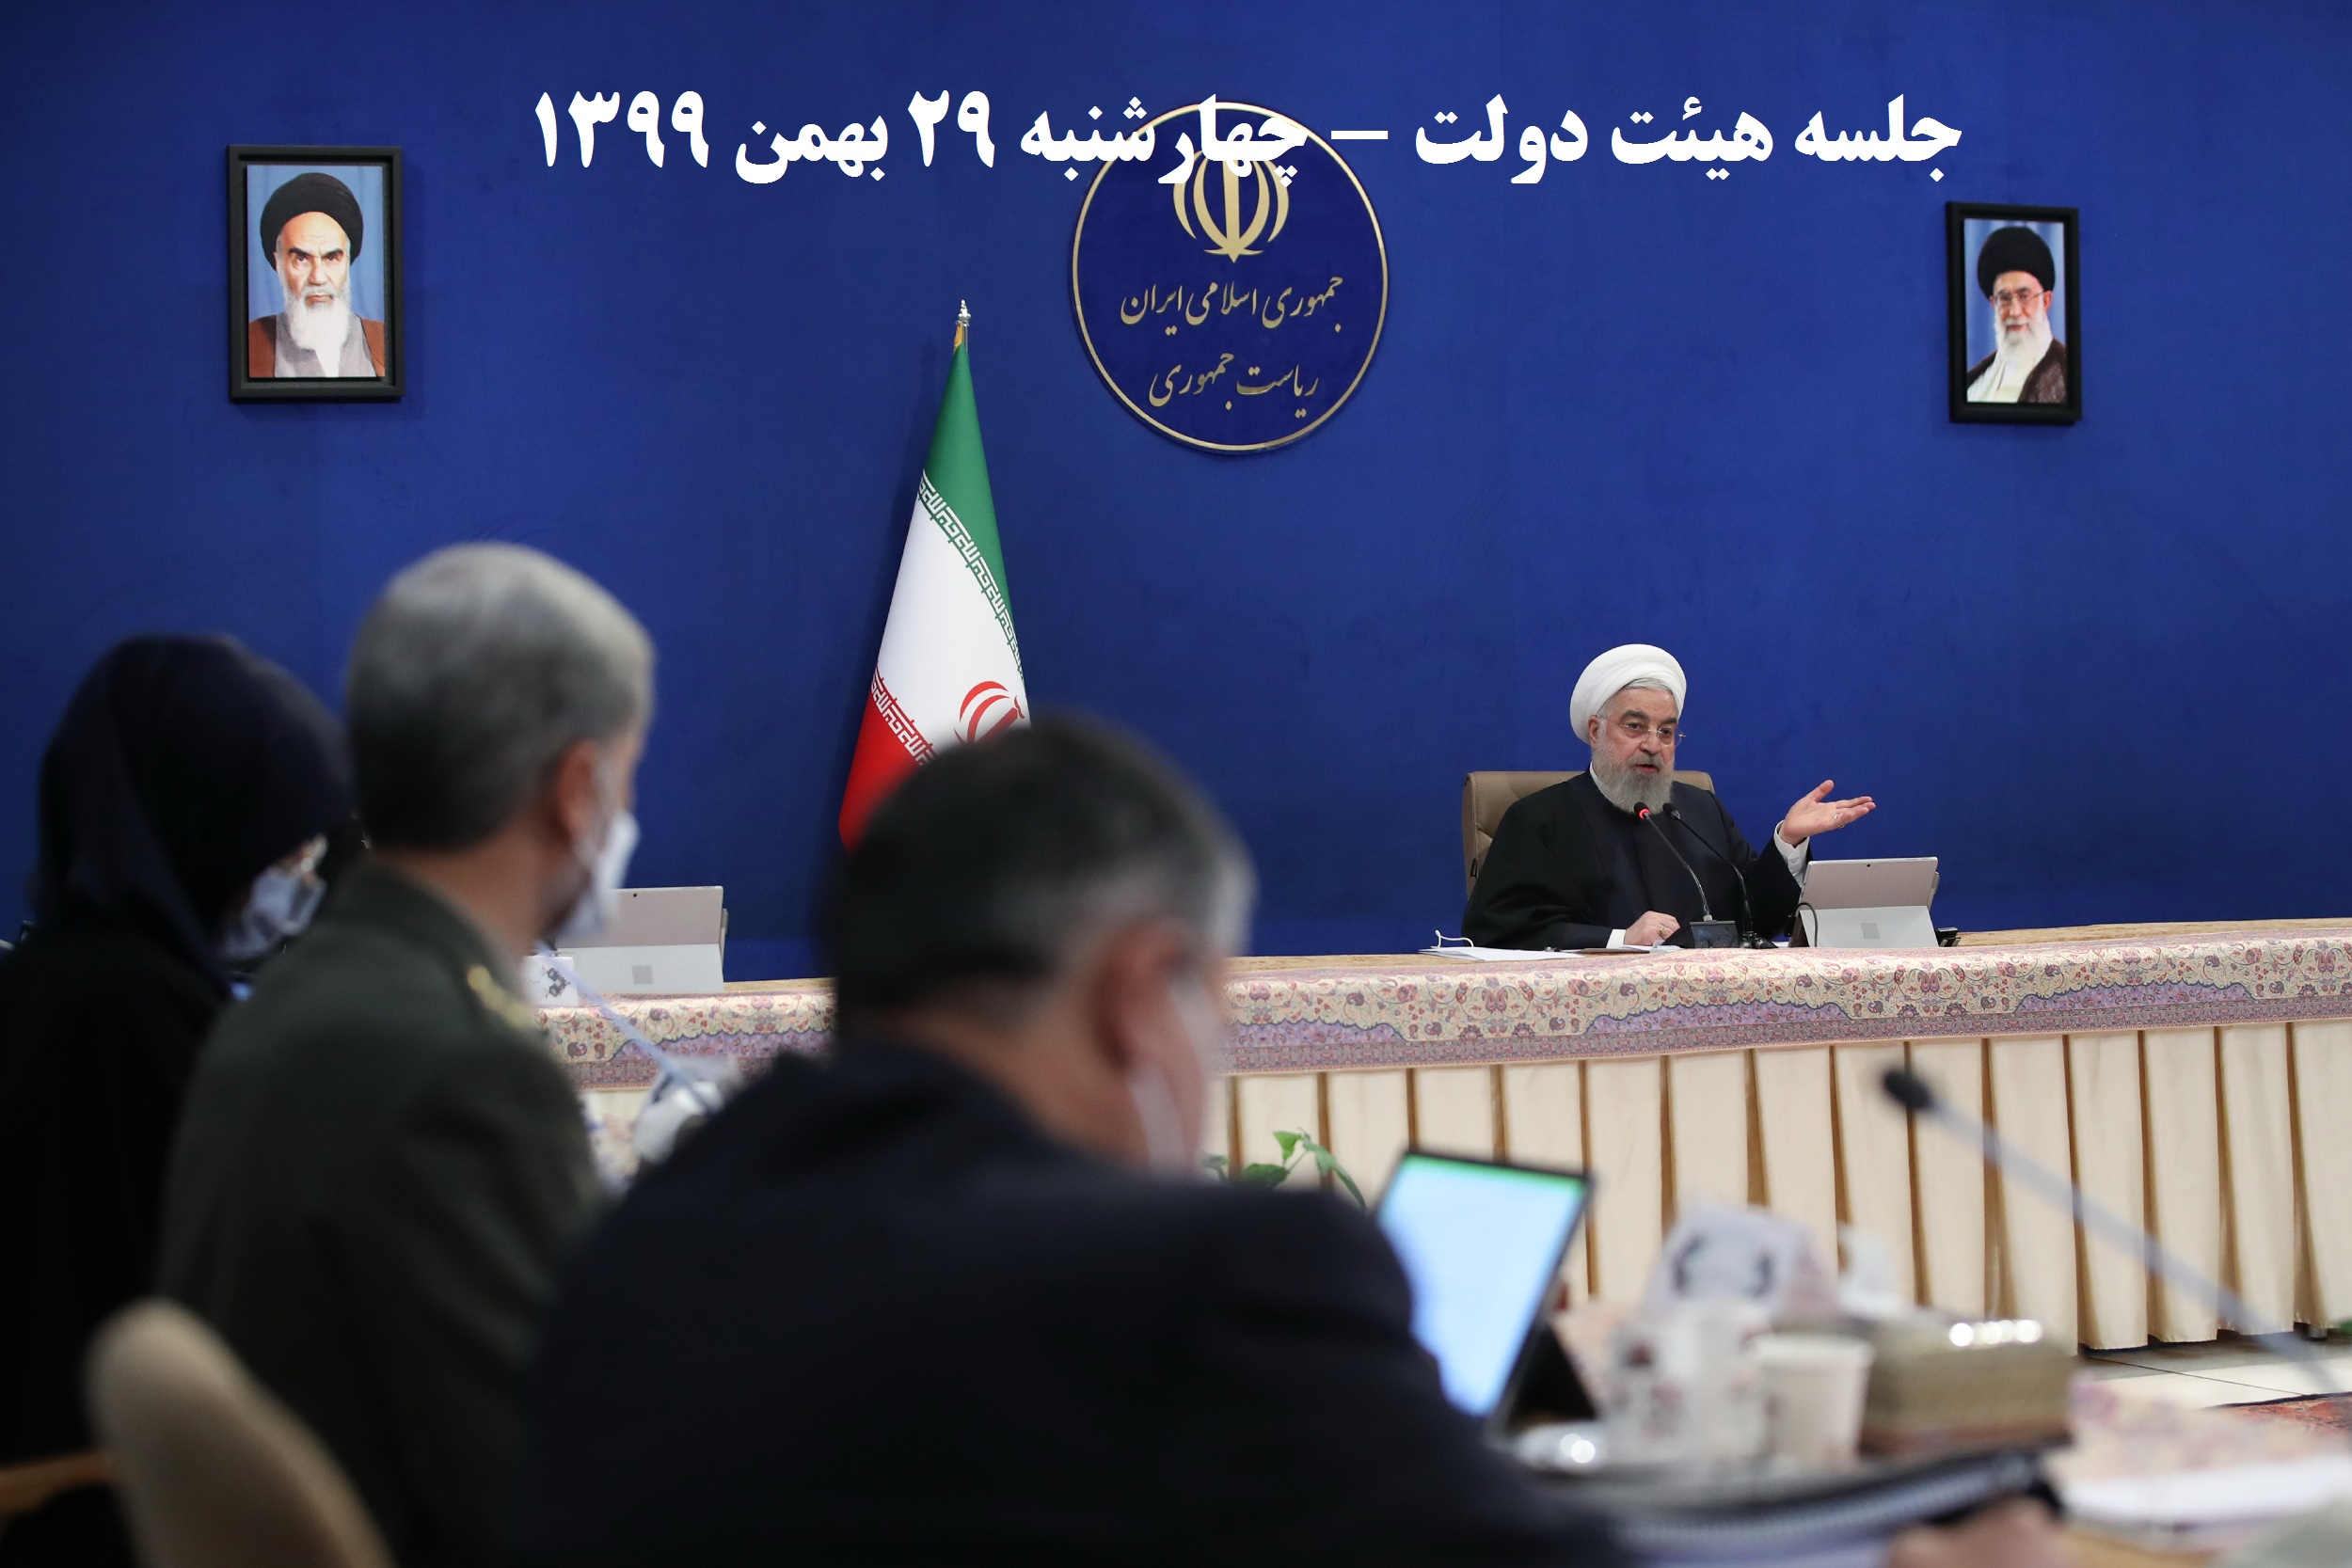 اصلاح آیین نامه نحوه فعالیت دستگاه های اجرایی در سامانه تدارکات الکترونیکی دولت